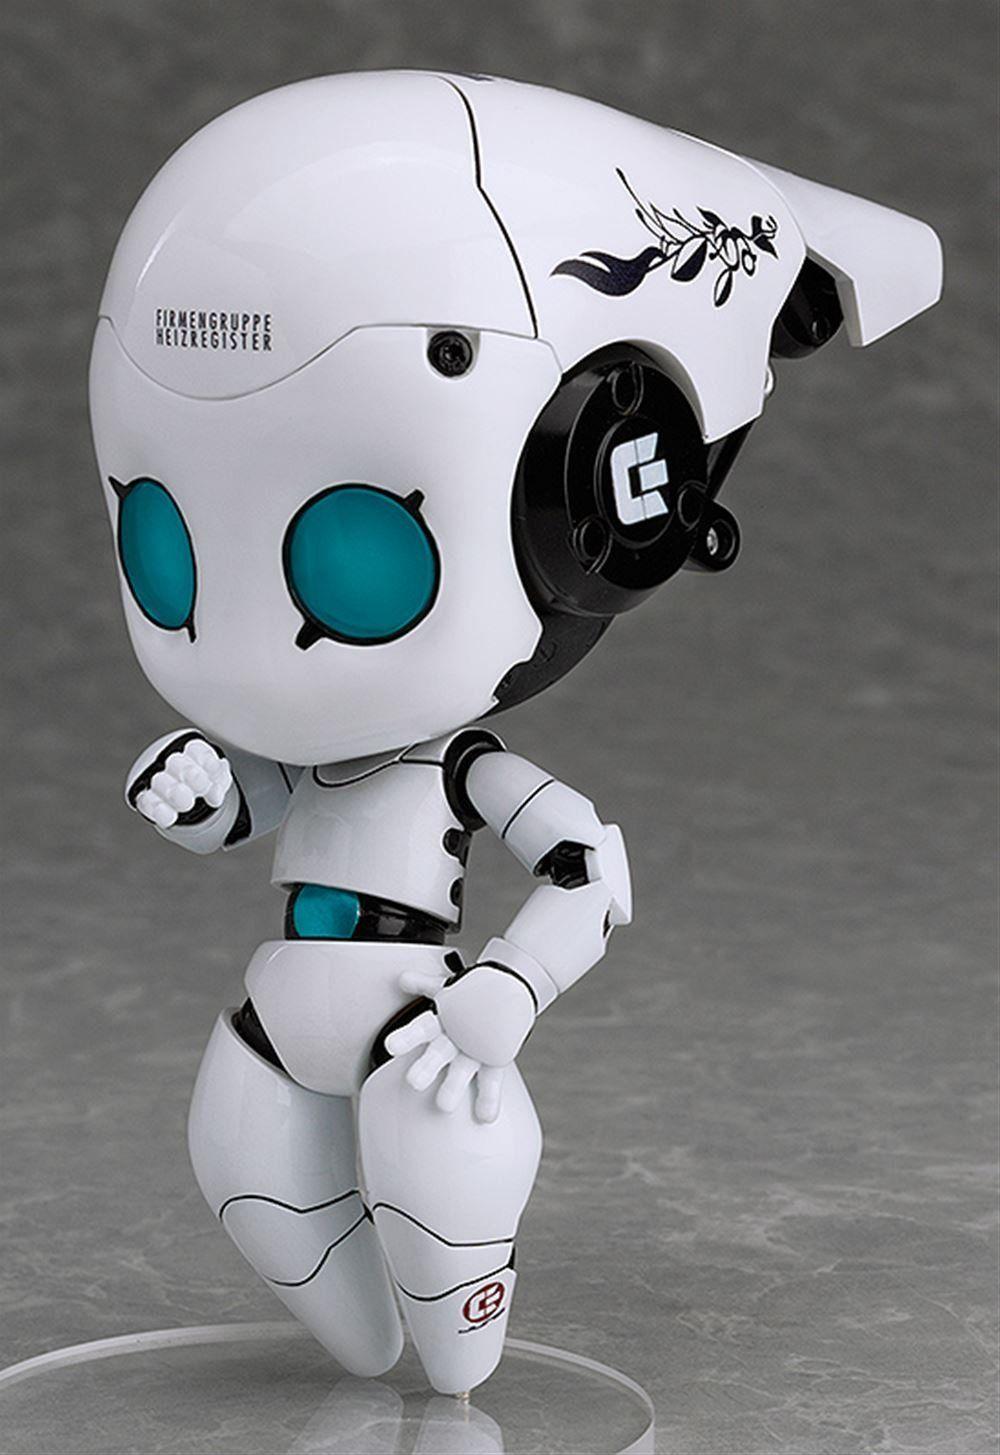 ねんどろいど ドロッセル チャーミング 4 ロボットアート ファイア